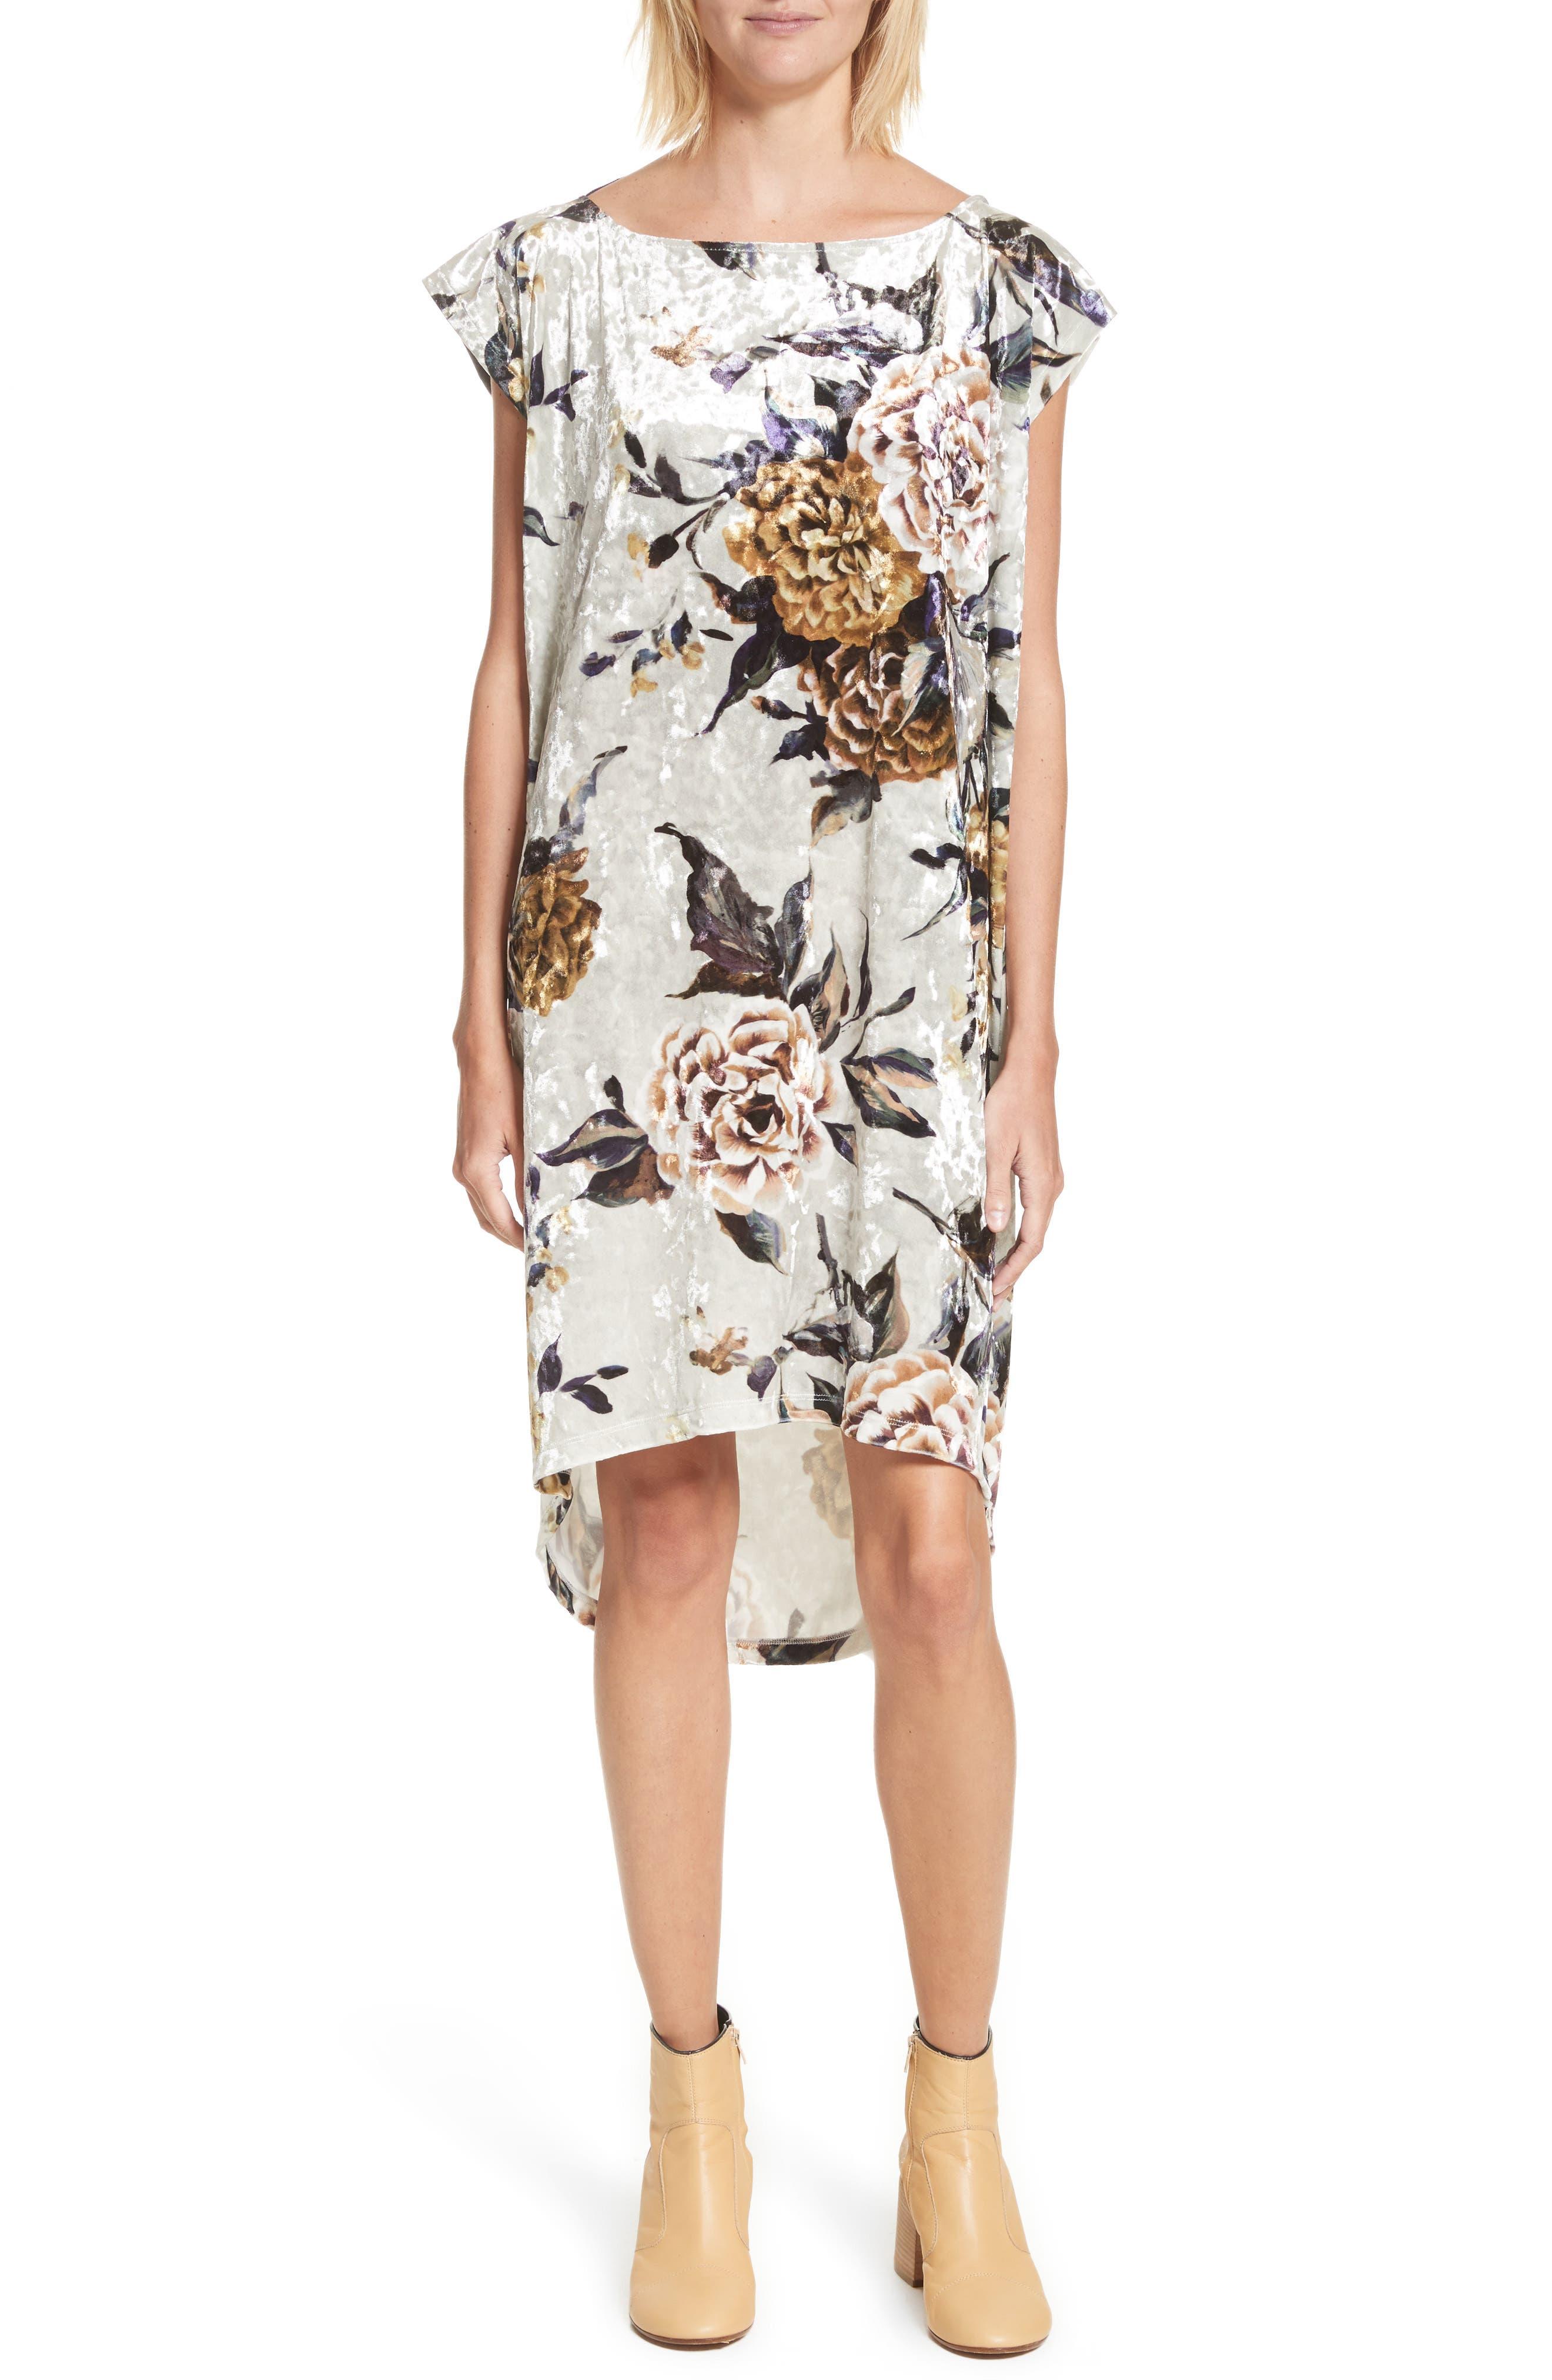 MM6 Maison Margiela Floral Print Velvet Dress